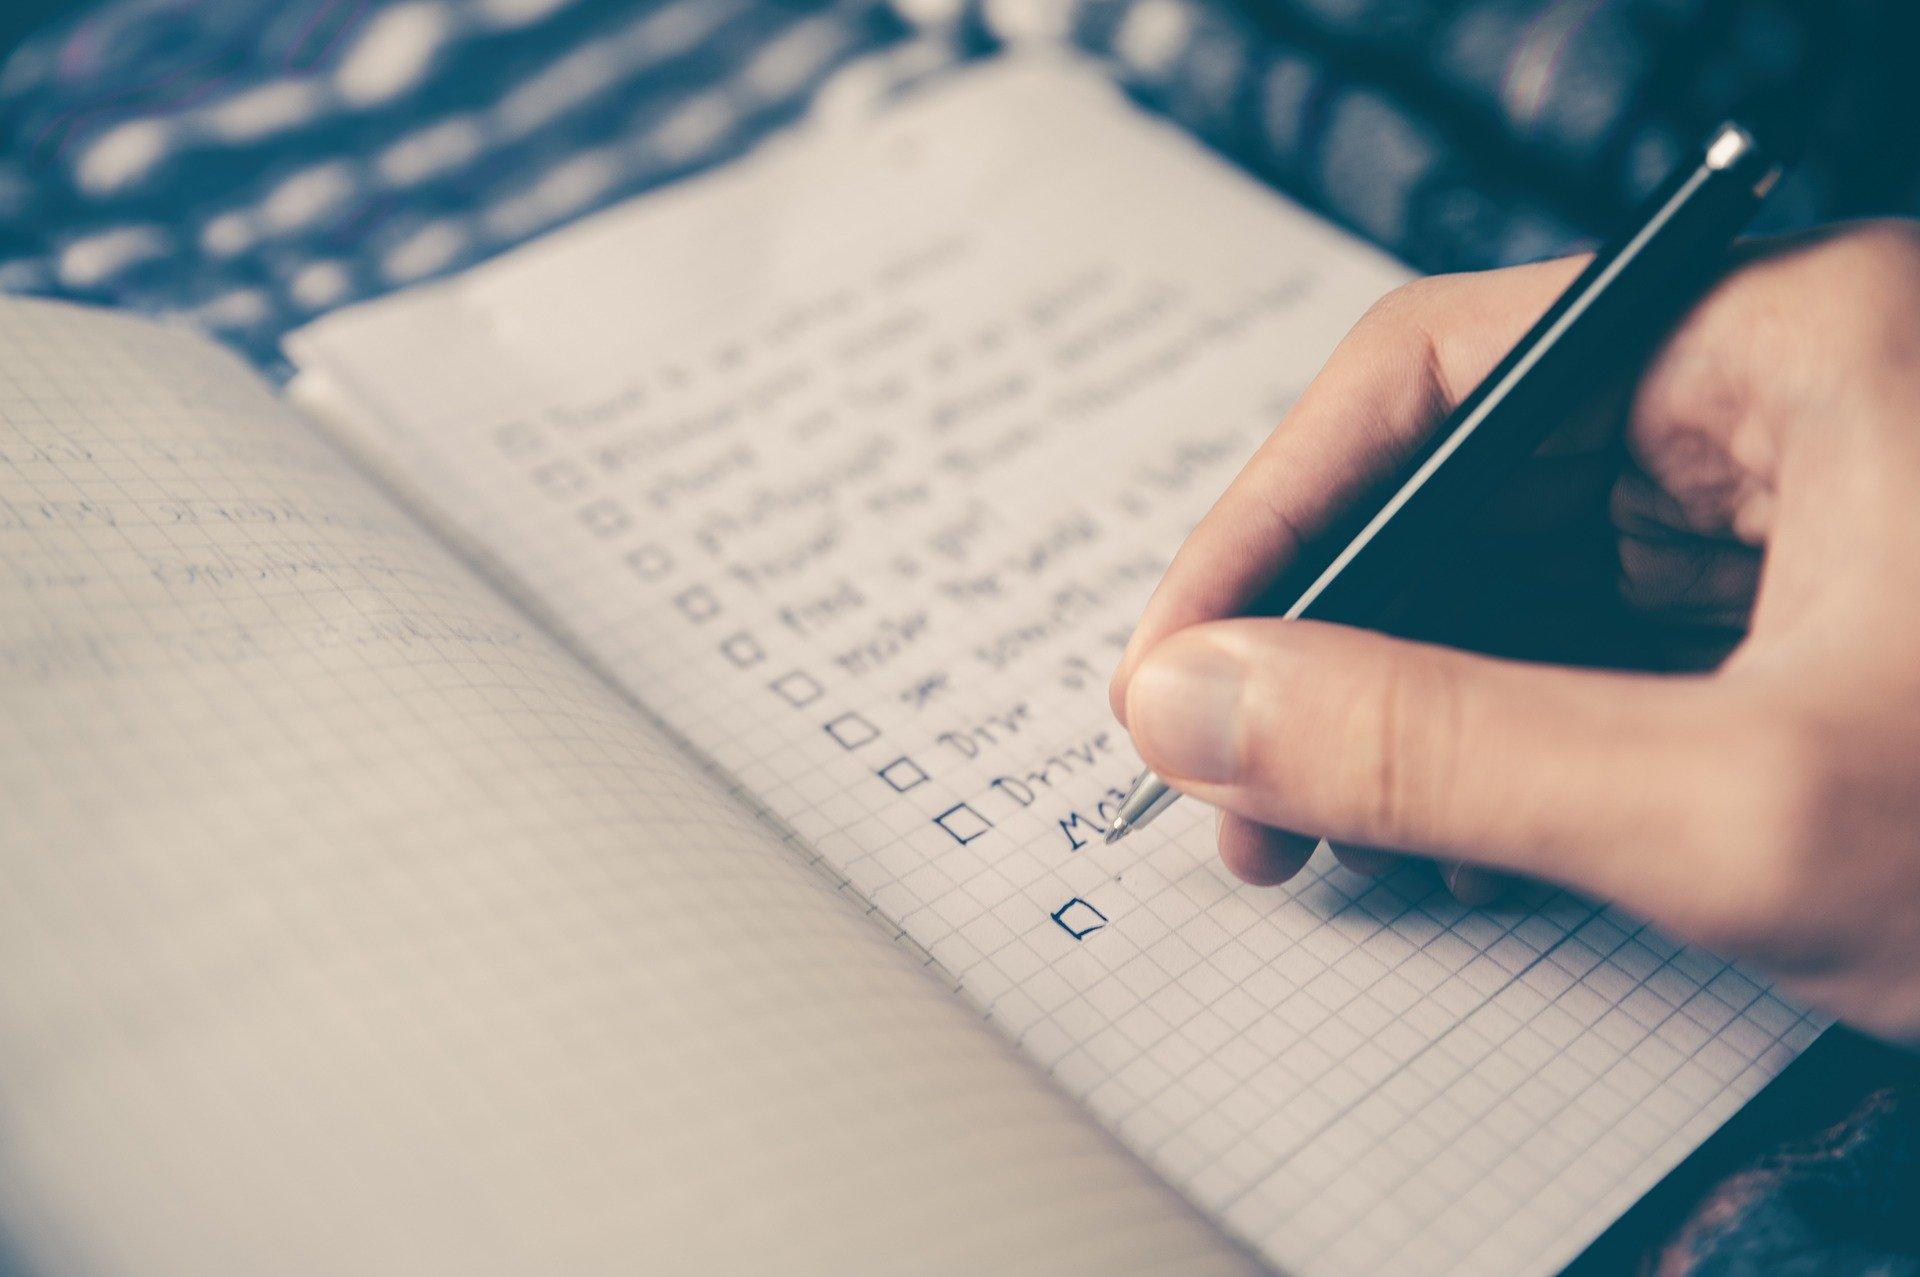 Checkliste mit 13 Möglichkeiten zur Prozessverbesserung